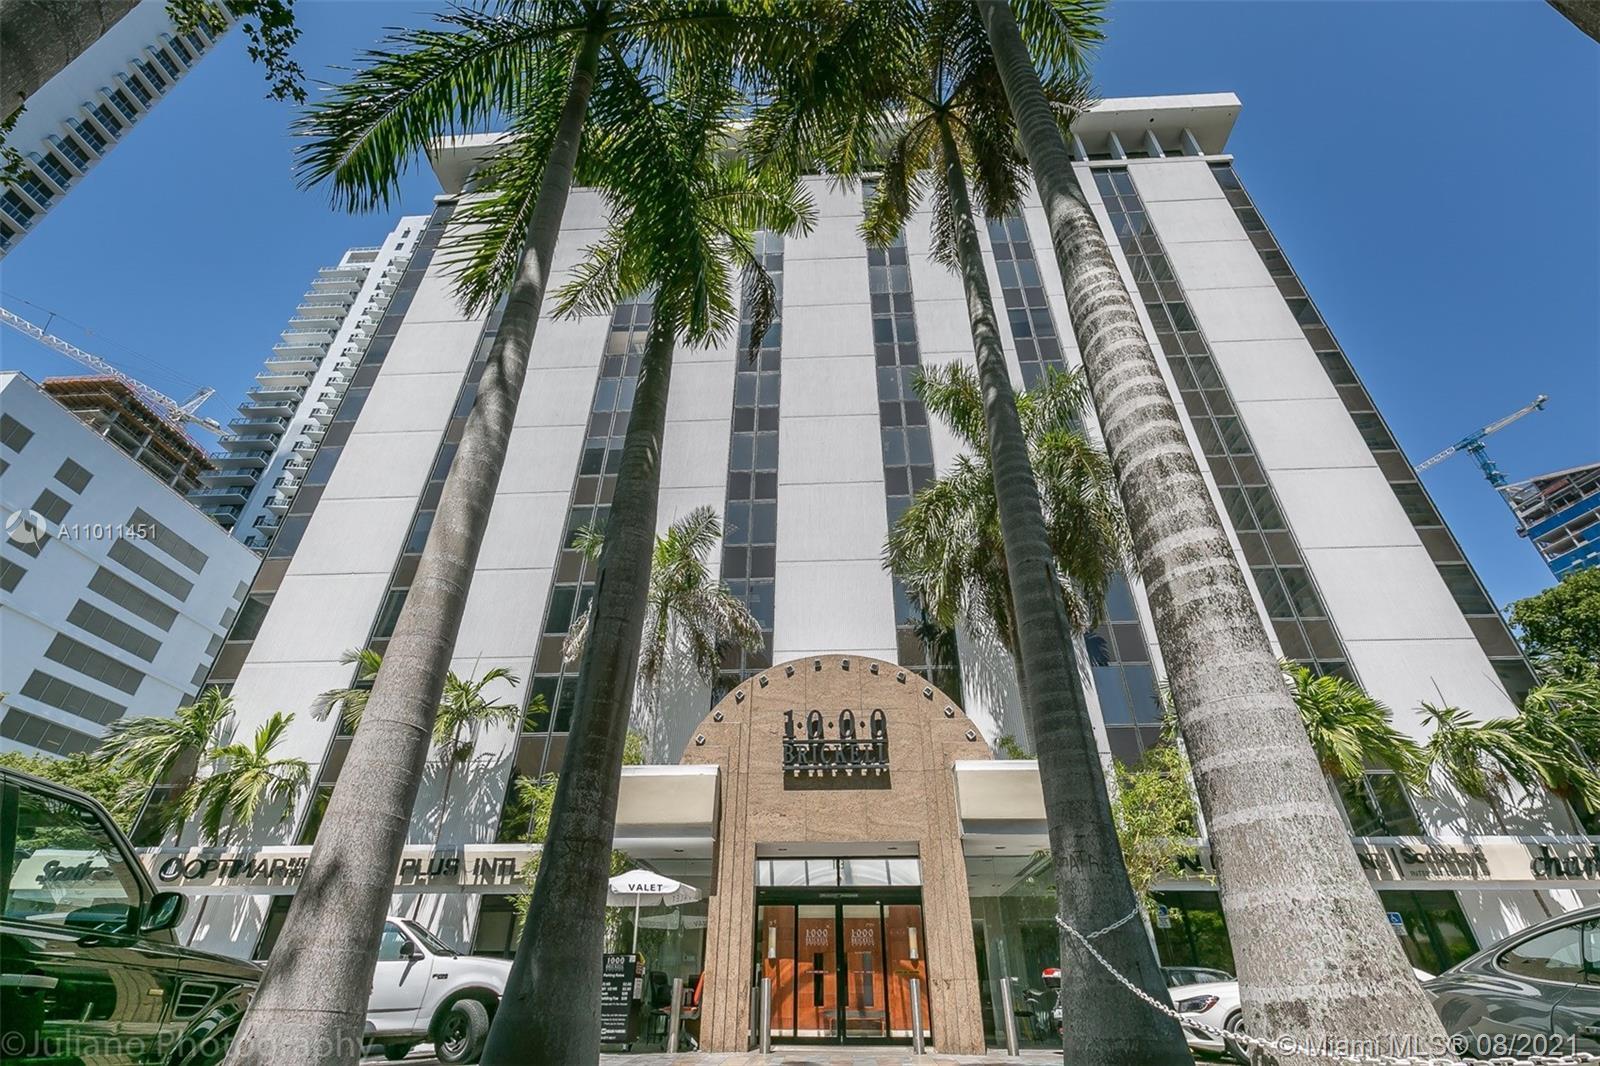 Brickell FlatIron #540 - 1000 BRICKELL AVENUE #540, Miami, FL 33131